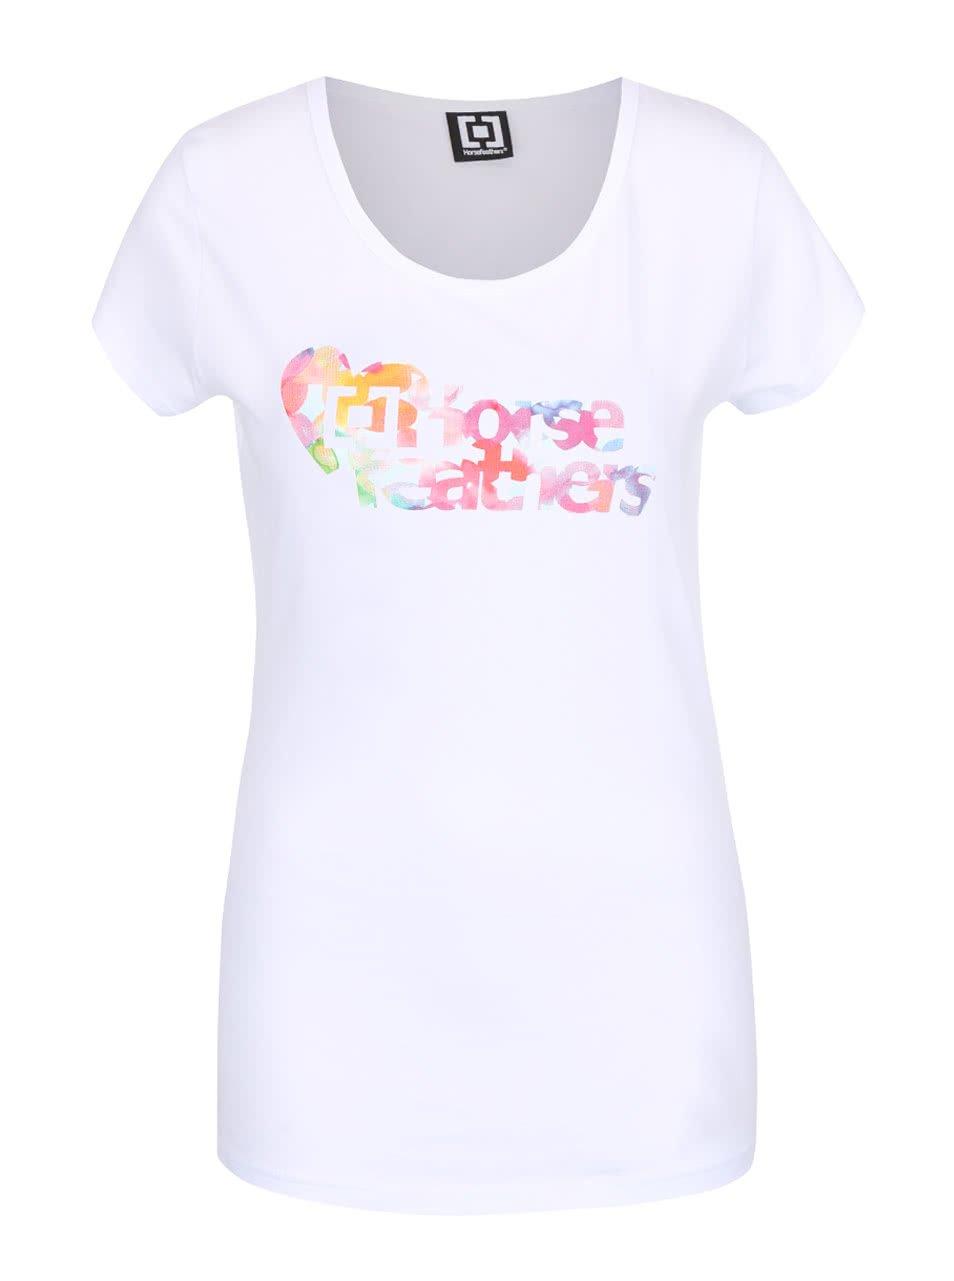 Bílé dámské tričko s barevným nápisem Horsefeathers Piece